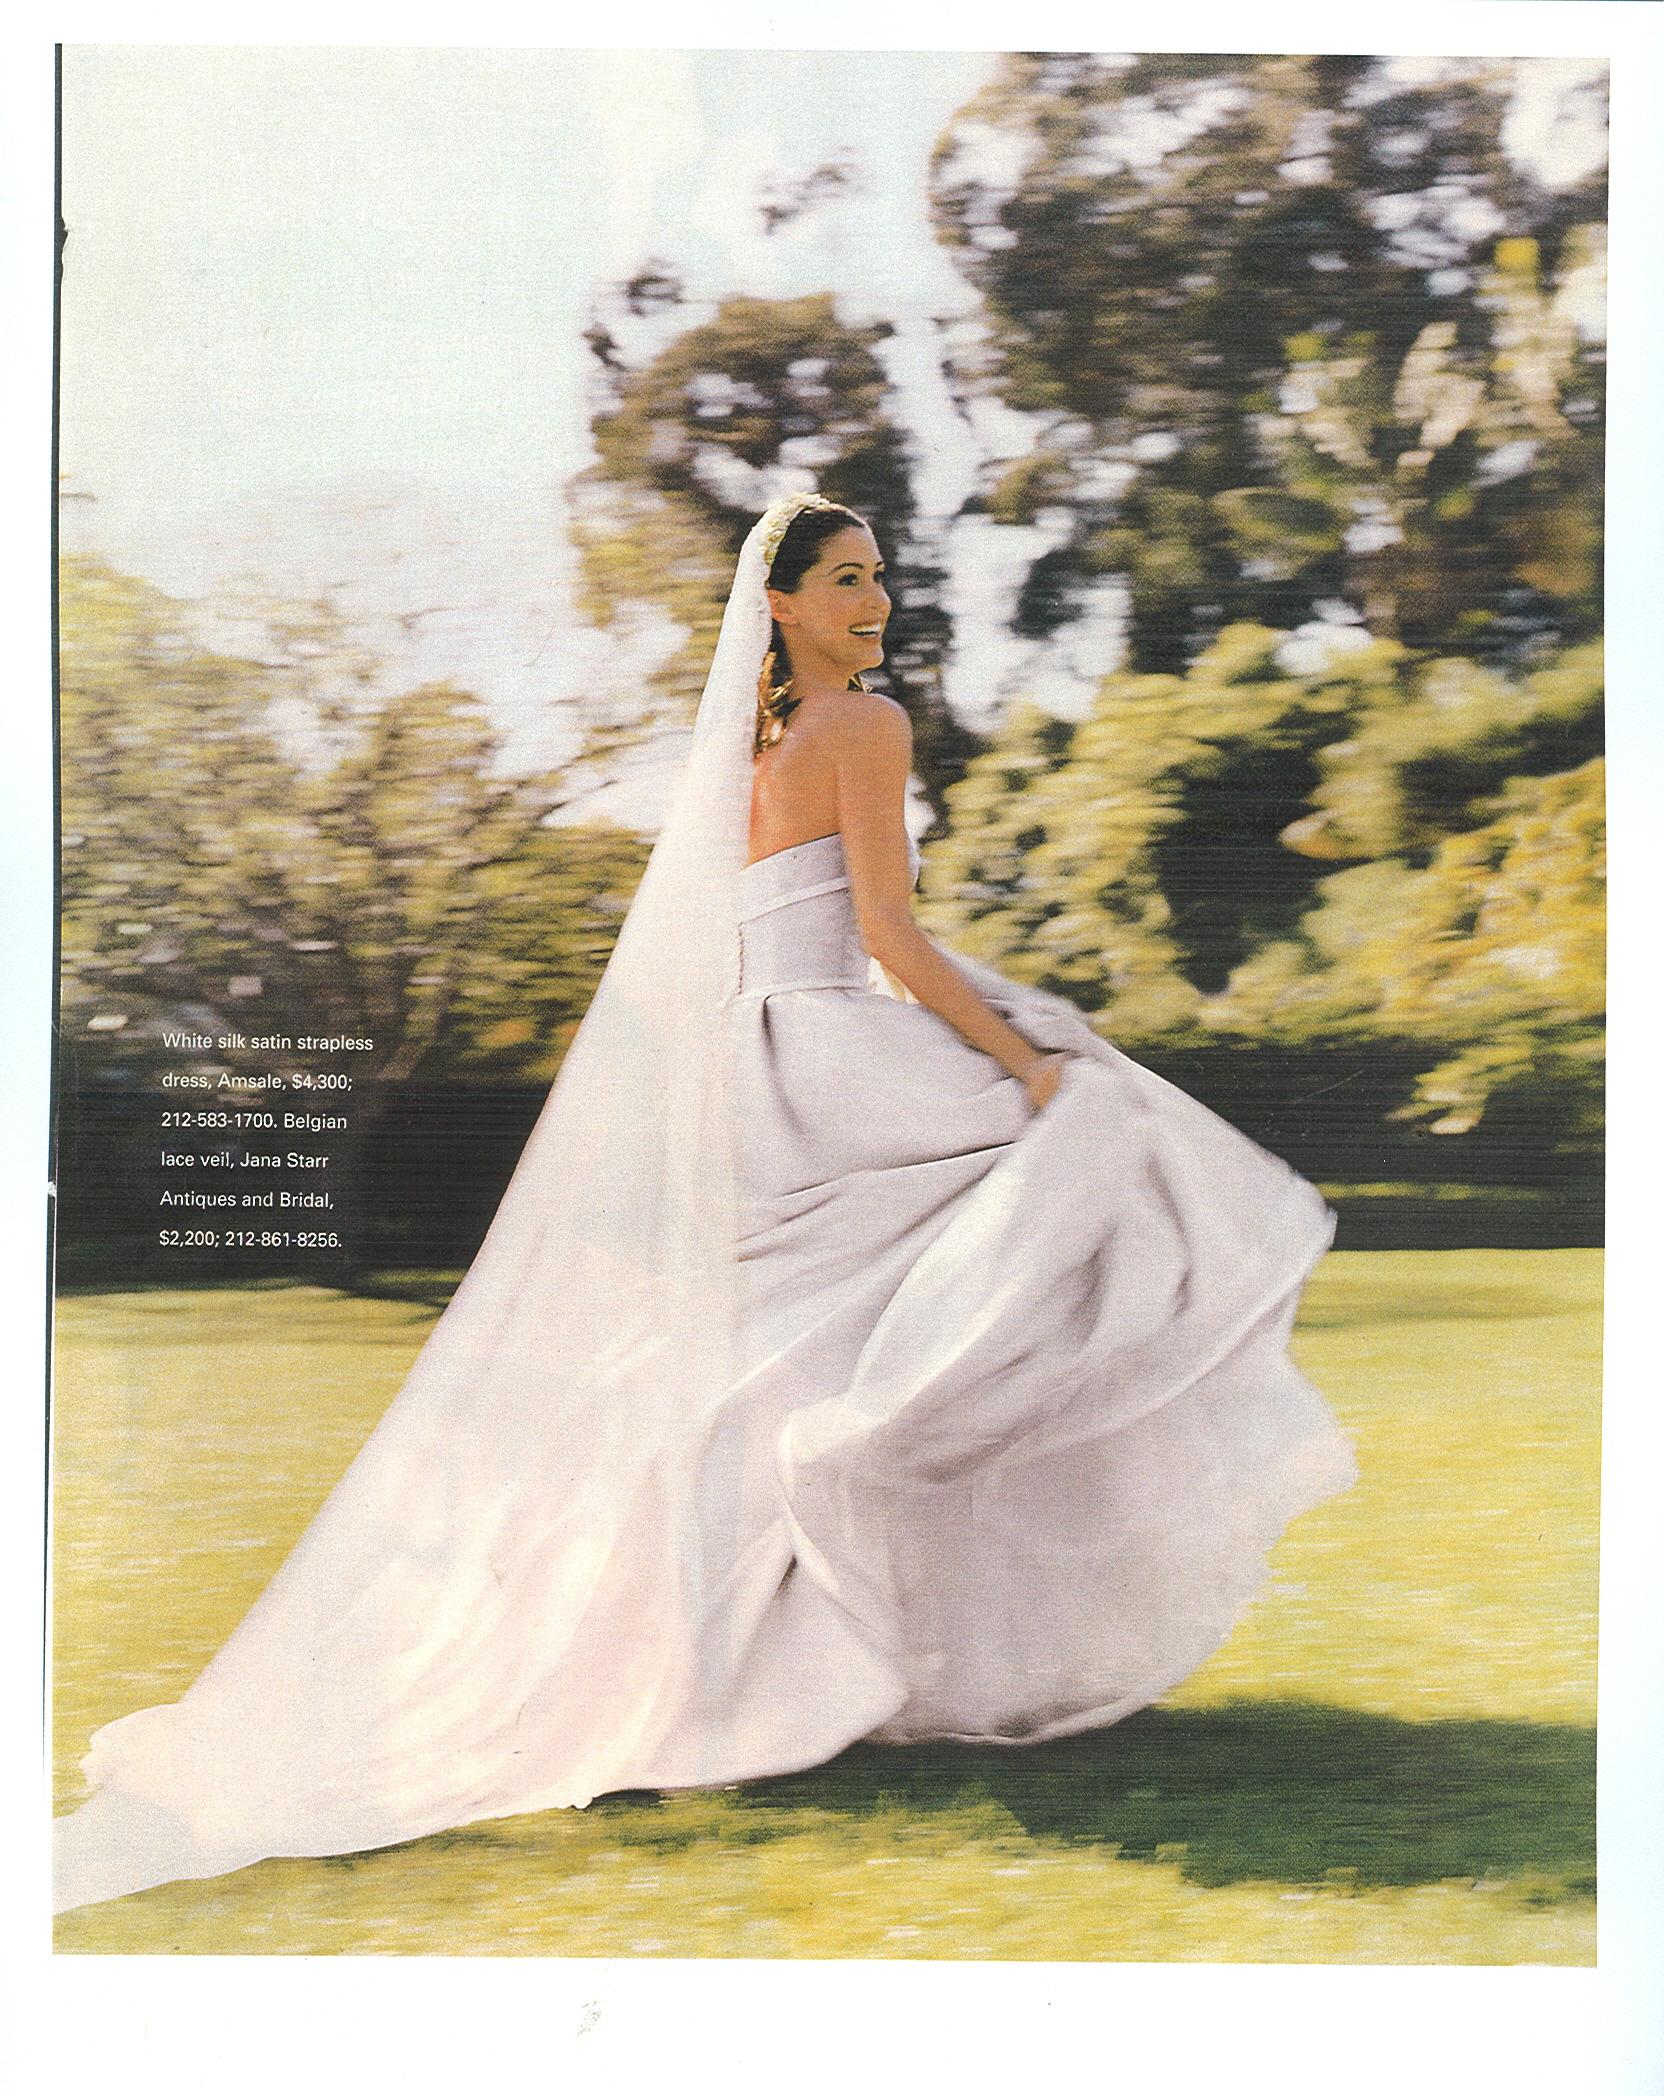 SE_InStyle Weddings_Summer 2002_9.jpg